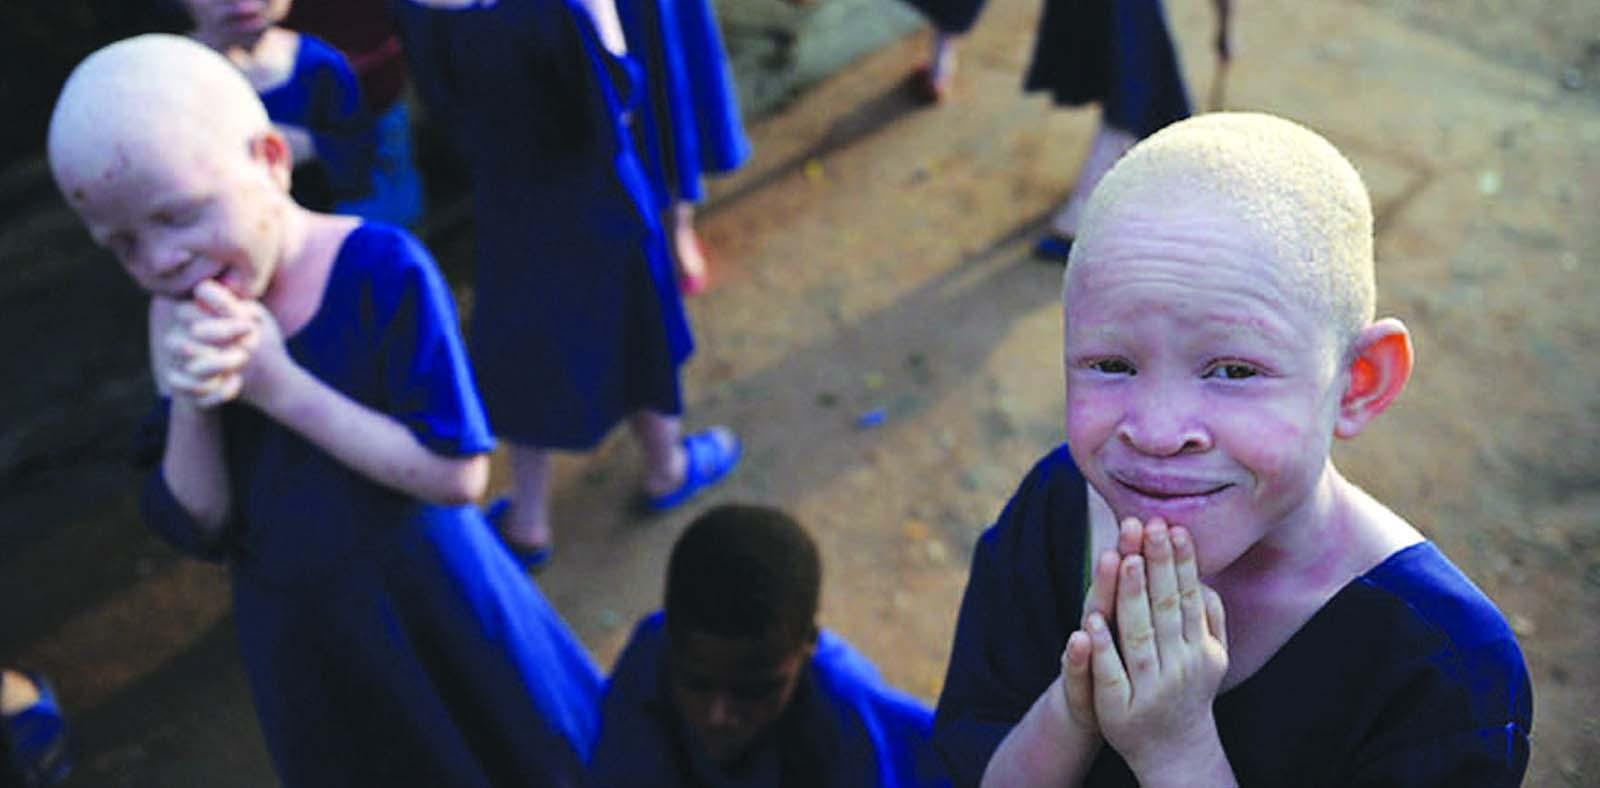 albinisim-in-africa_blog-swaliafrica-com-_